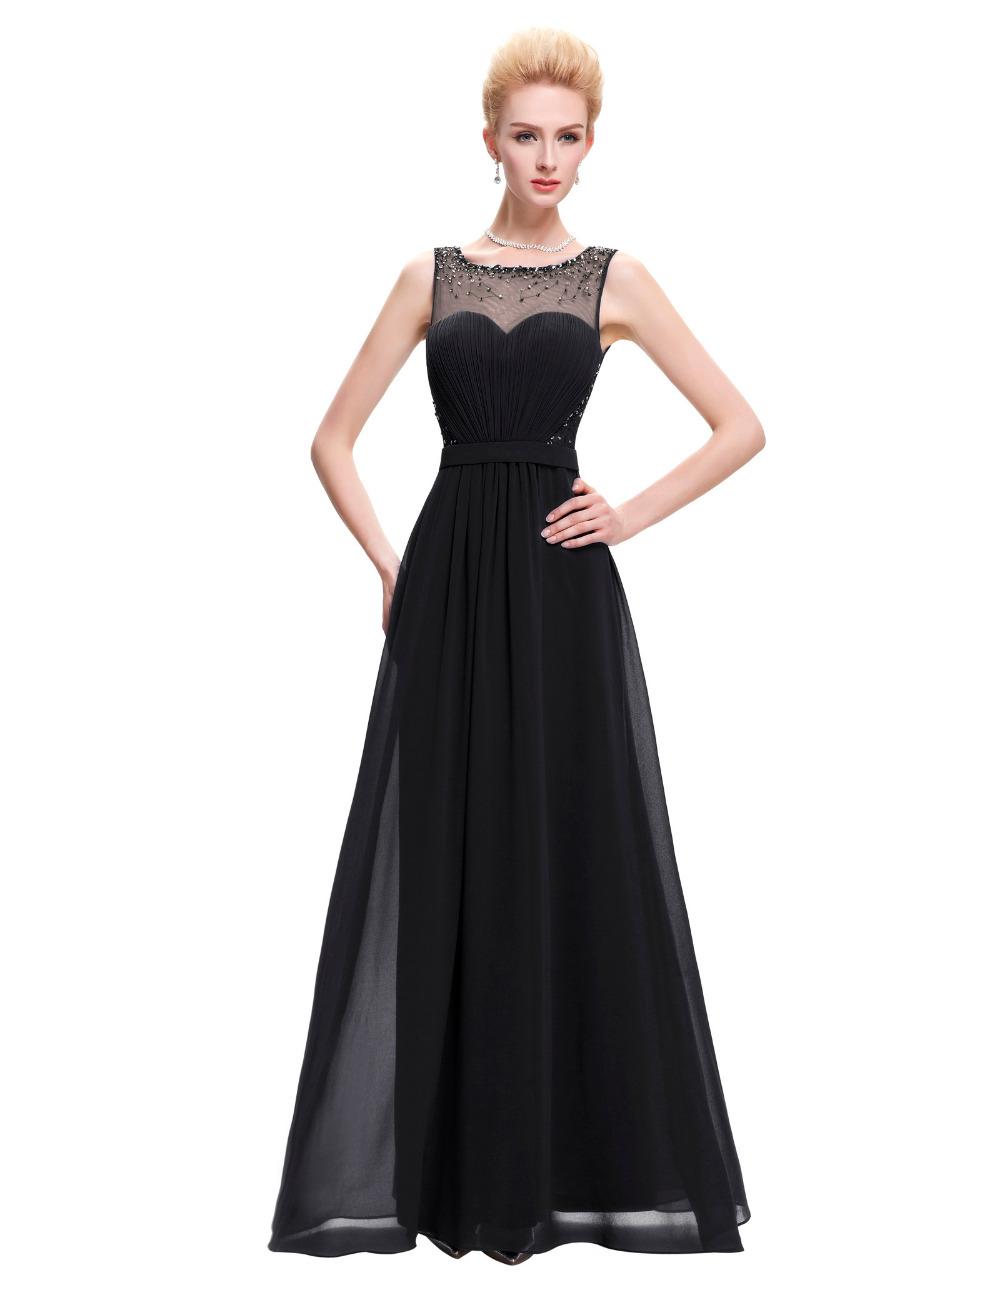 cff30c22804 Dámské dlouhé společenské šaty s korálky